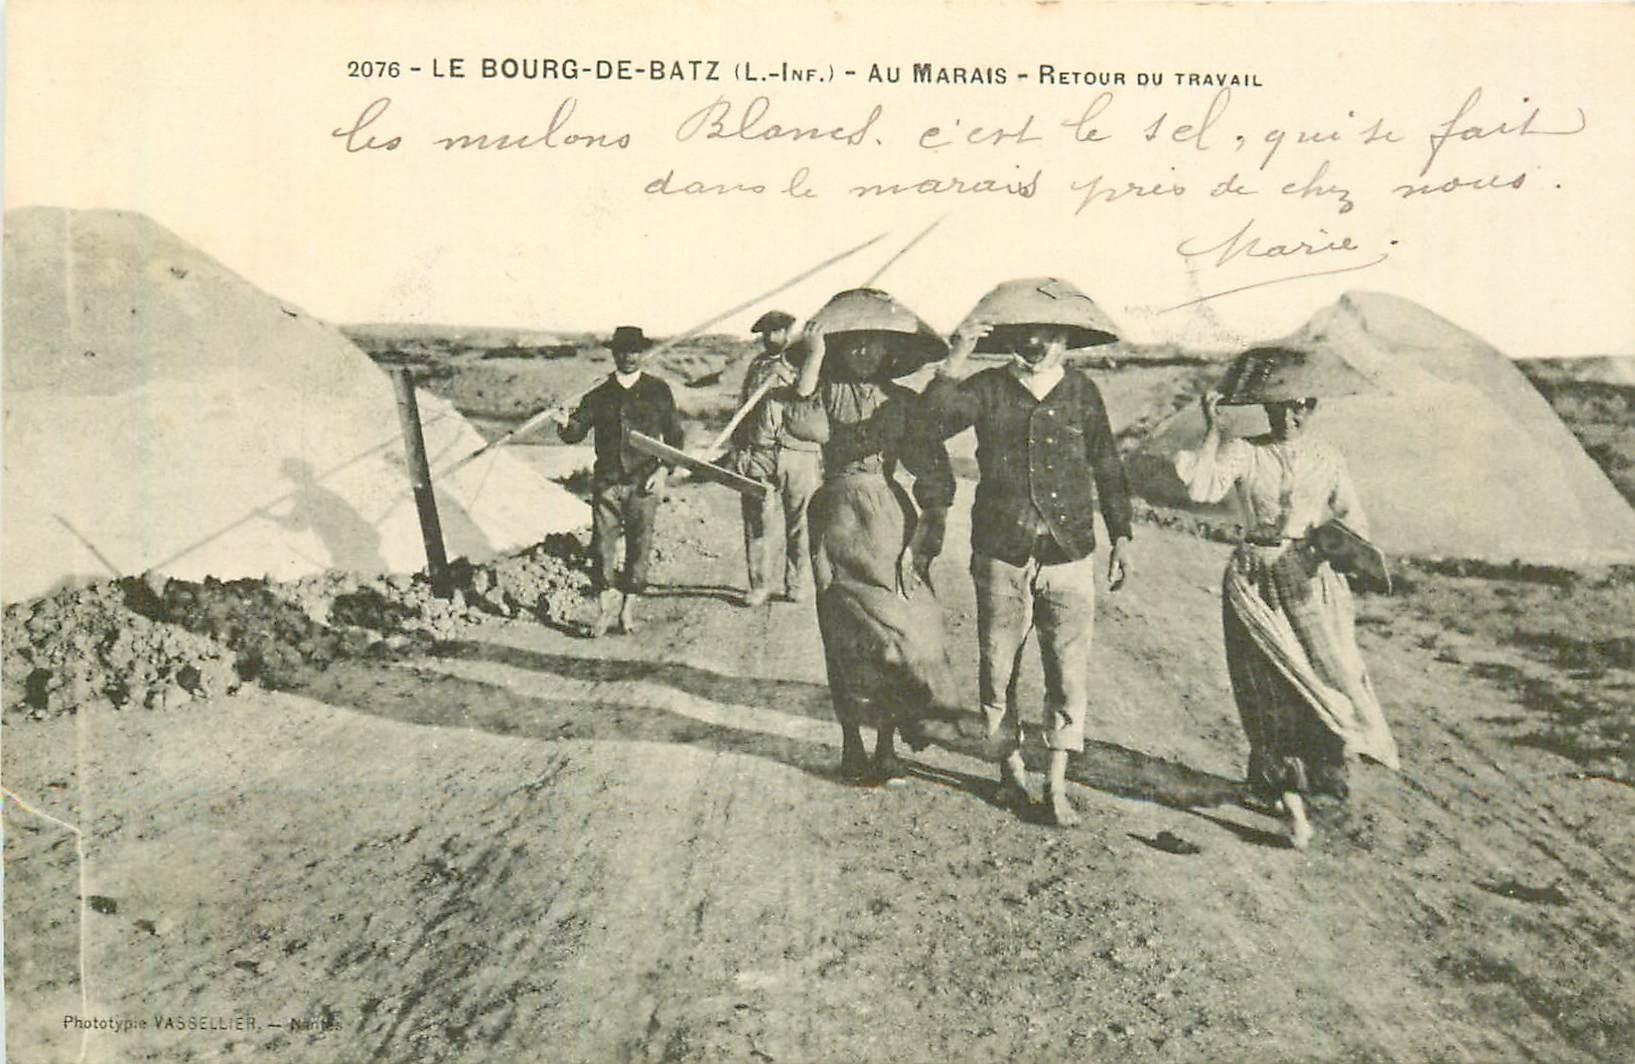 44 LE BOURG-DE-BATZ. Retour du travail au Marais salant